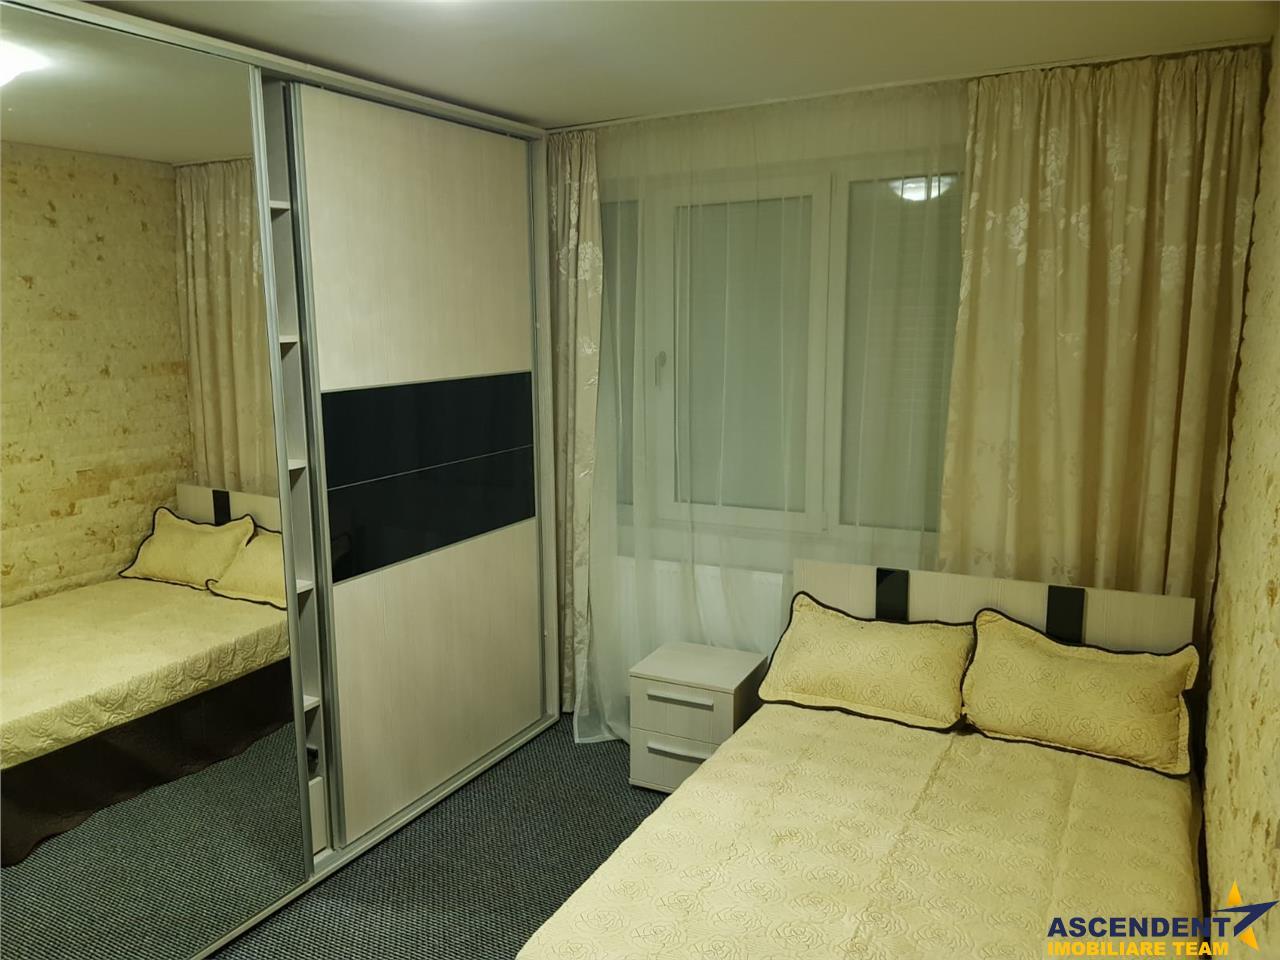 OFERTA REZERVATA!! Apartament spatios si calduros, decomandat, Bdul Victoriei, Brasov